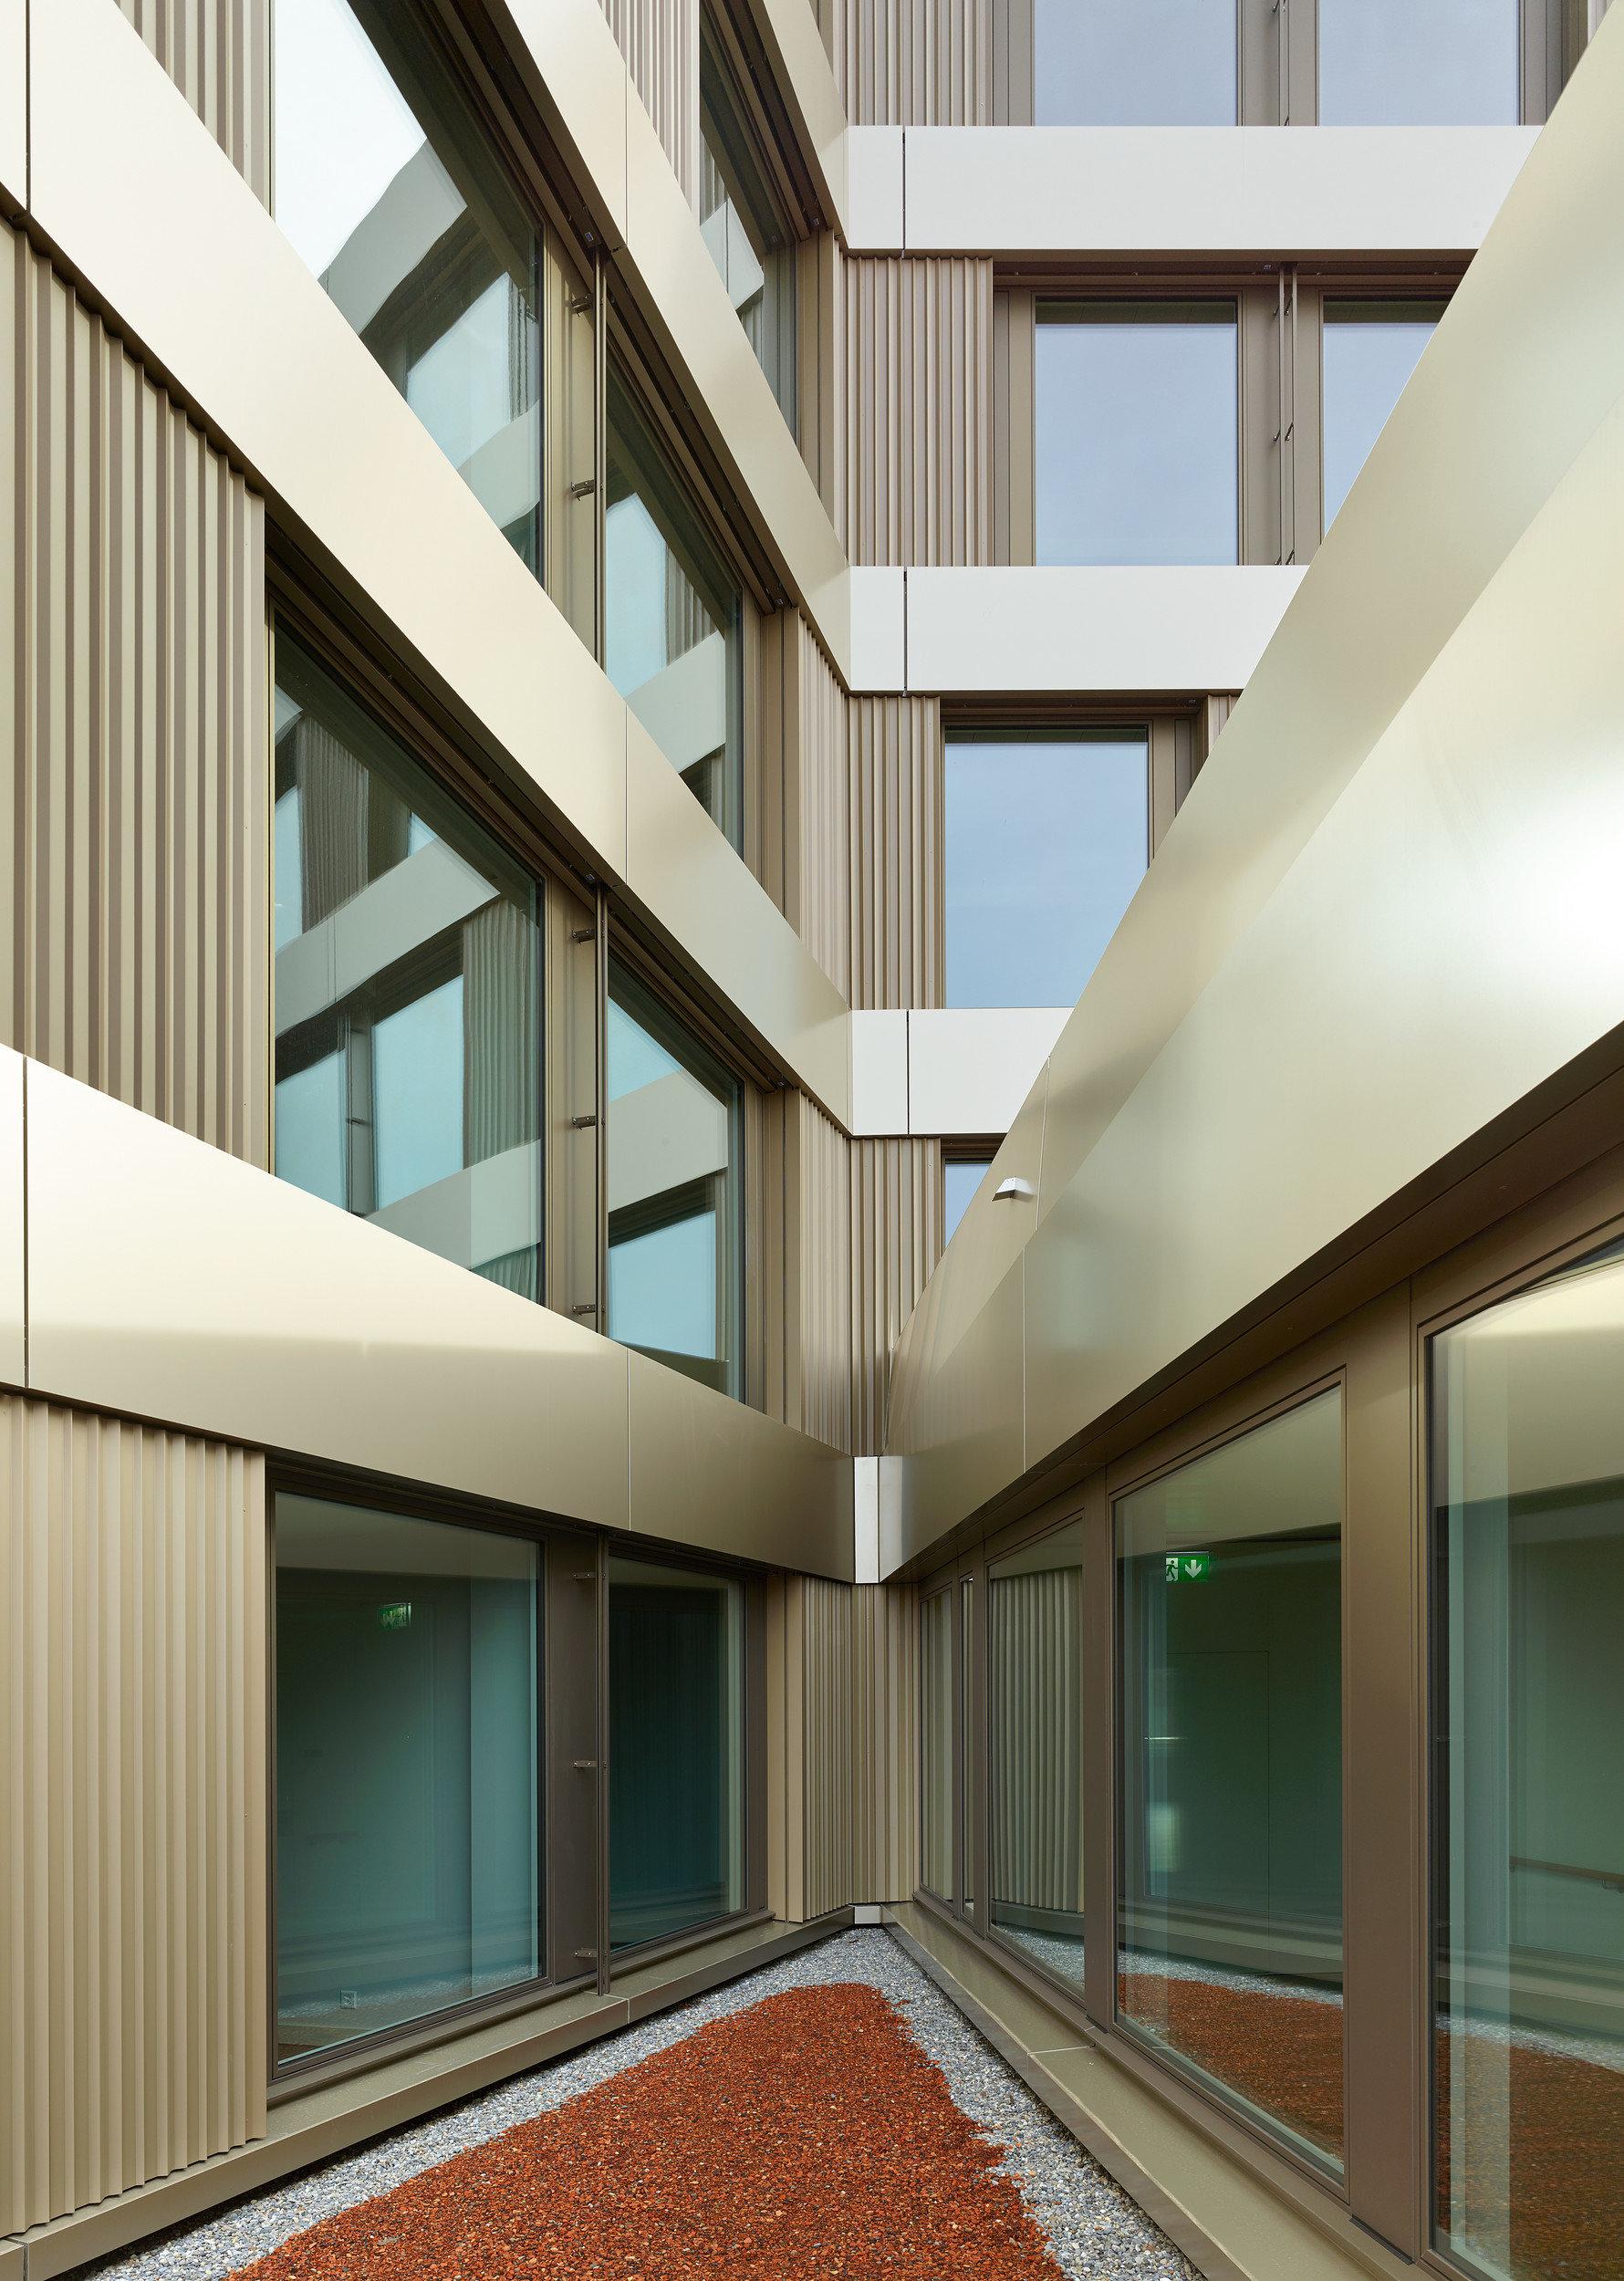 Holz-Metallfenster als Unterfunktion der Fassade